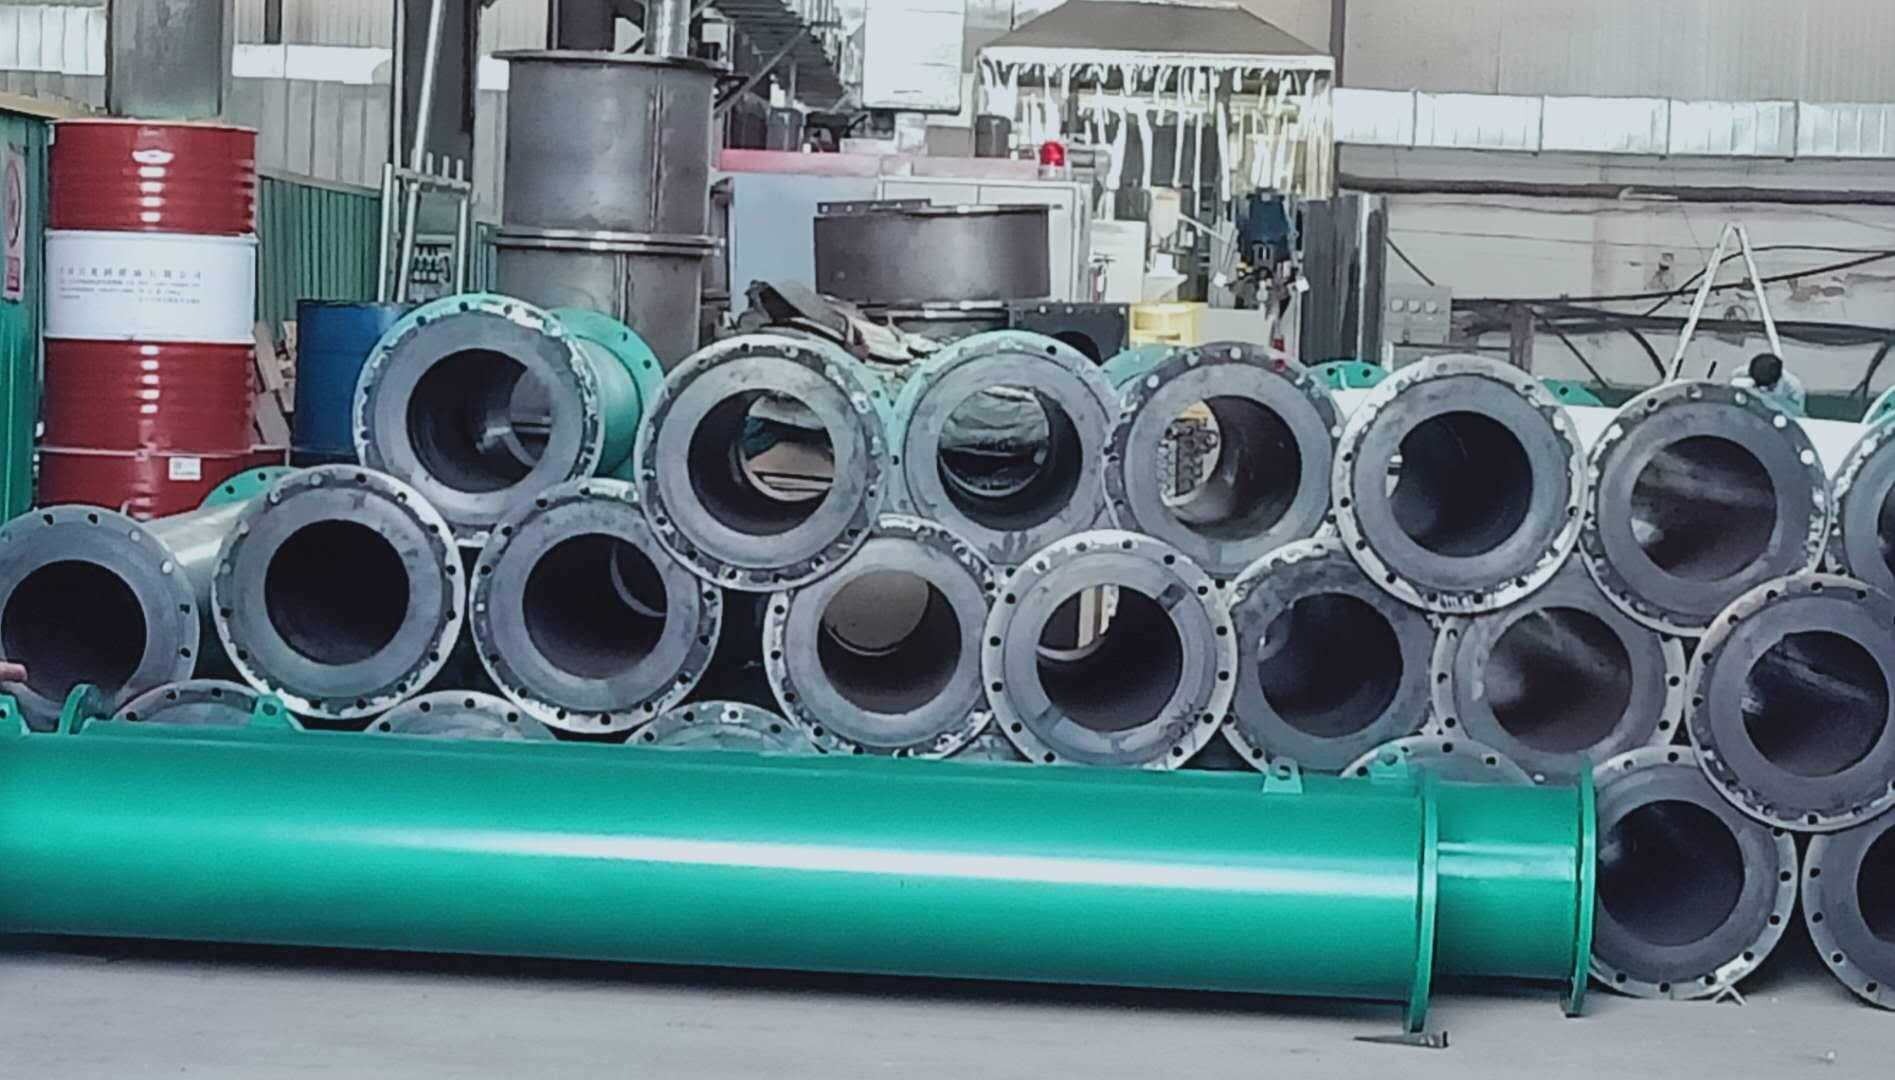 黔西南钢衬橡胶复合管道-环保的钢衬橡胶管子-爆销钢衬橡胶管子